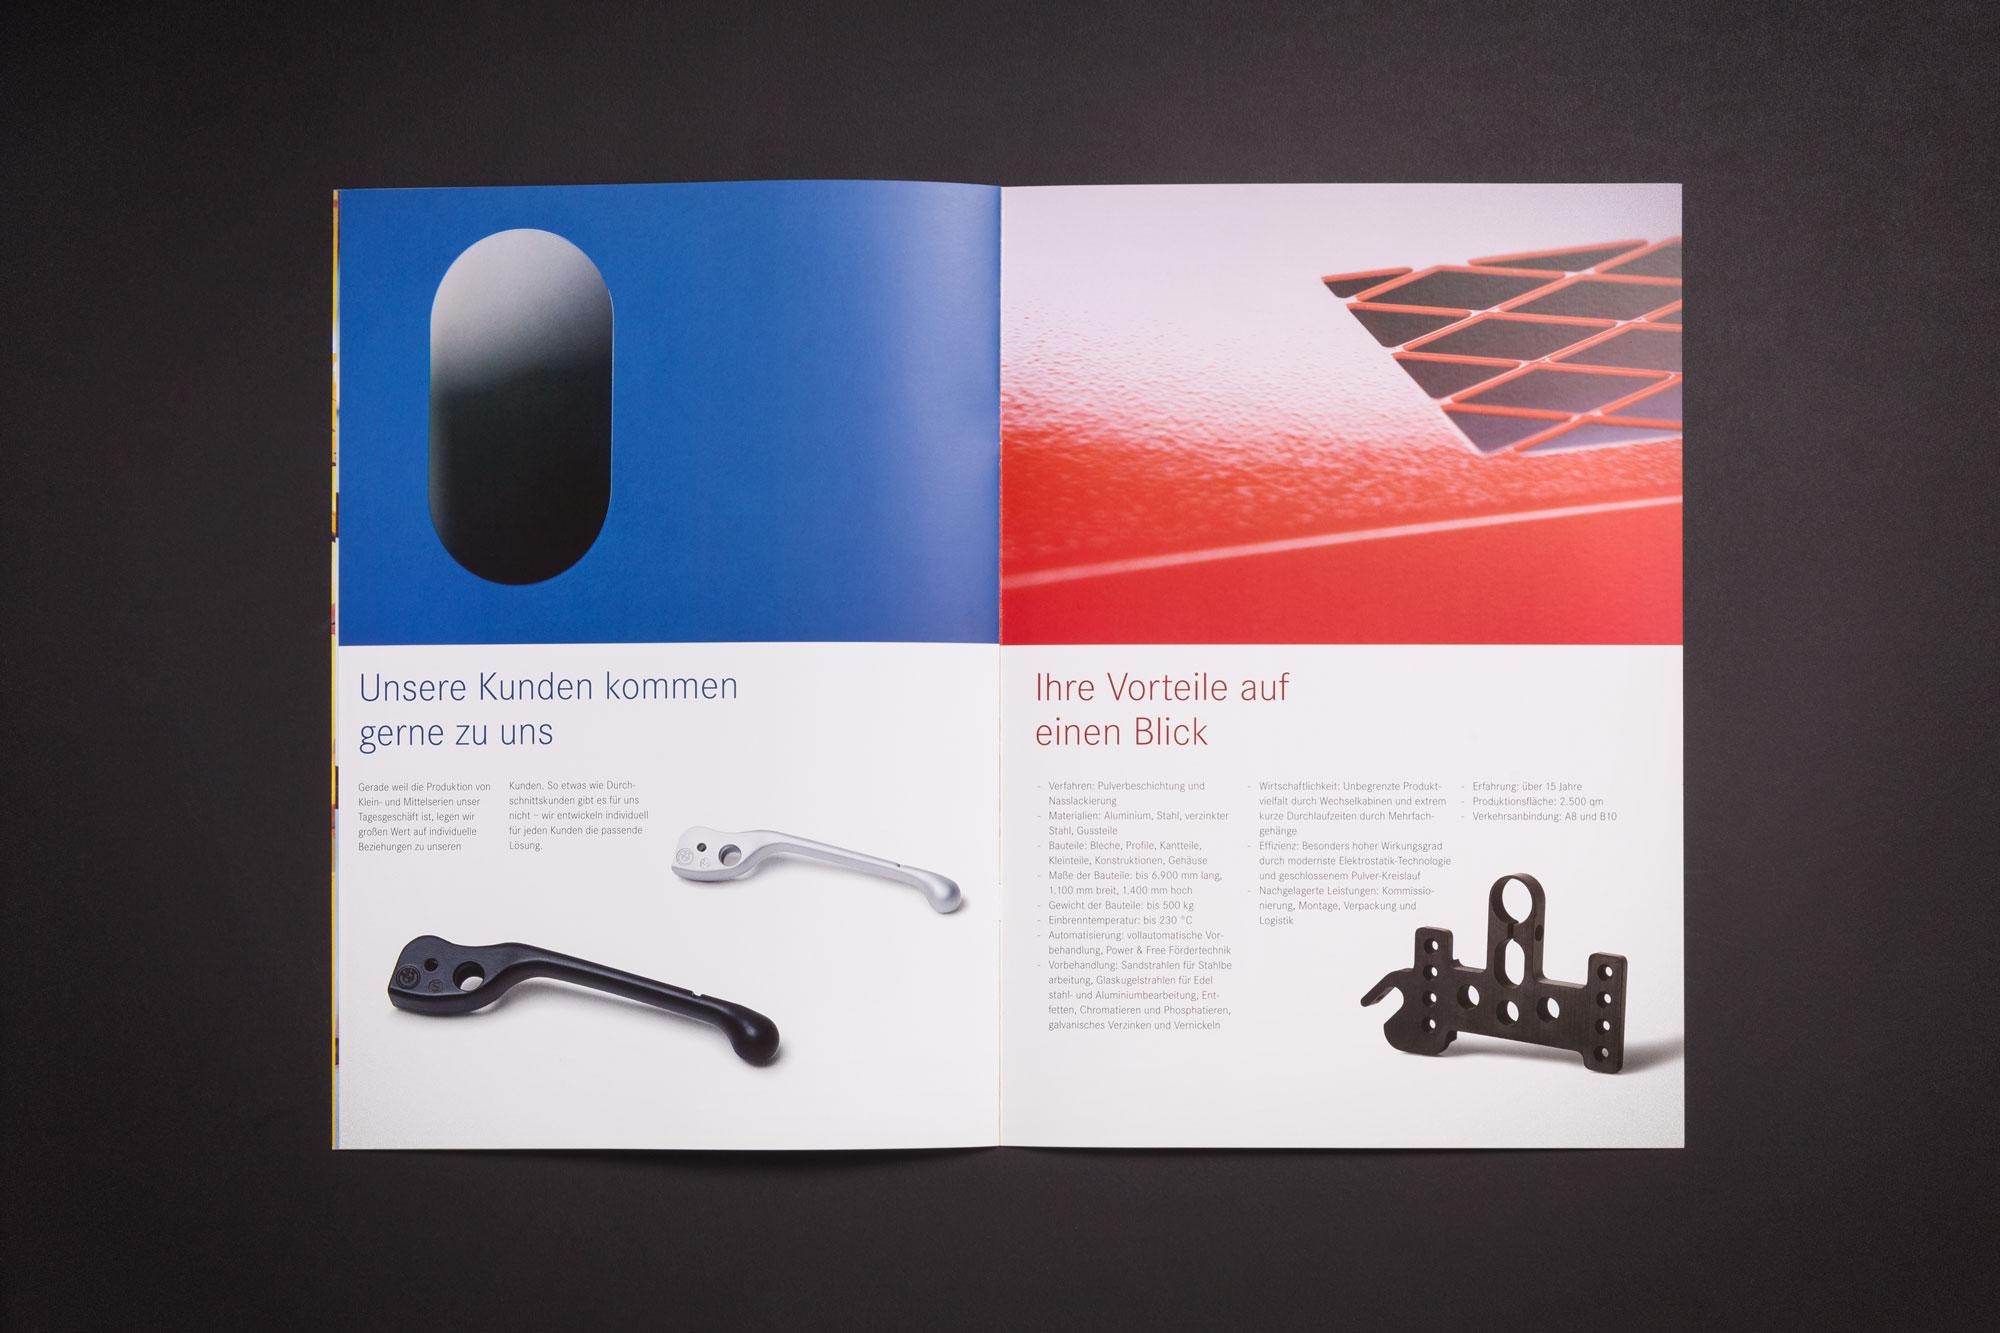 Für Rädisch Oberflächentechnik aus Kichheim/Teck gestaltet 75a eine Imagebroschüre